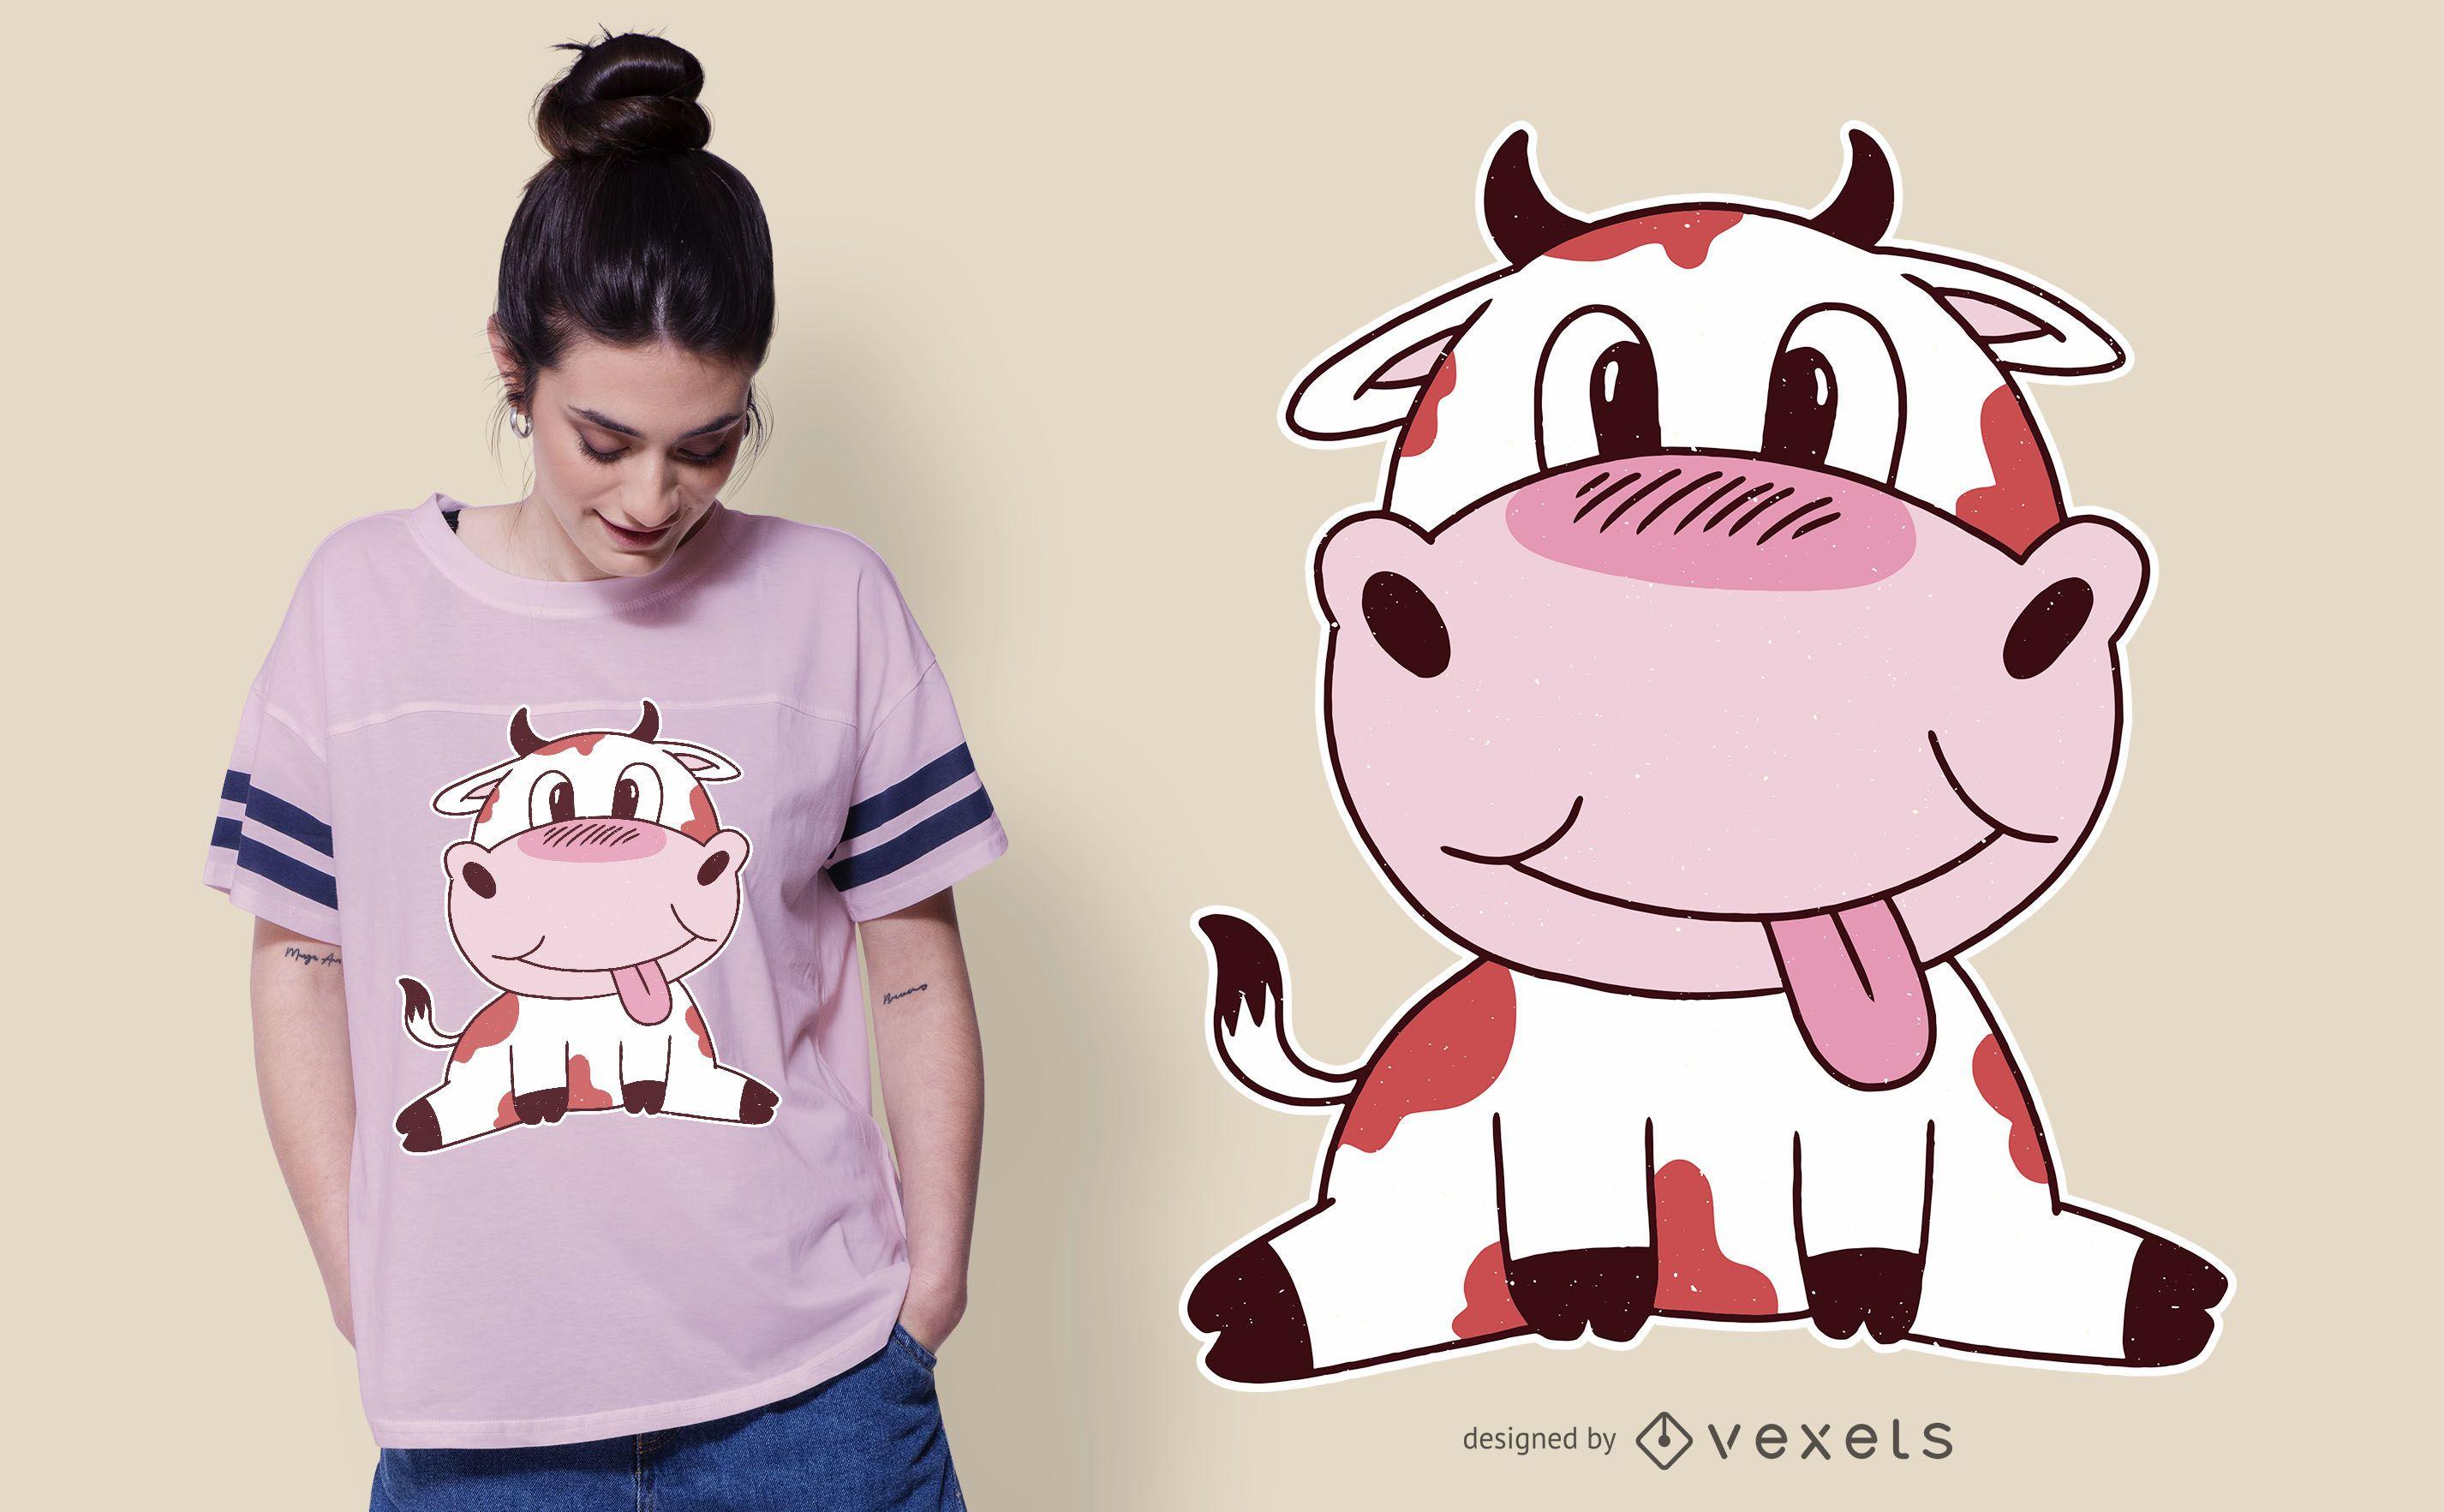 Cute Baby Cow T-shirt Design